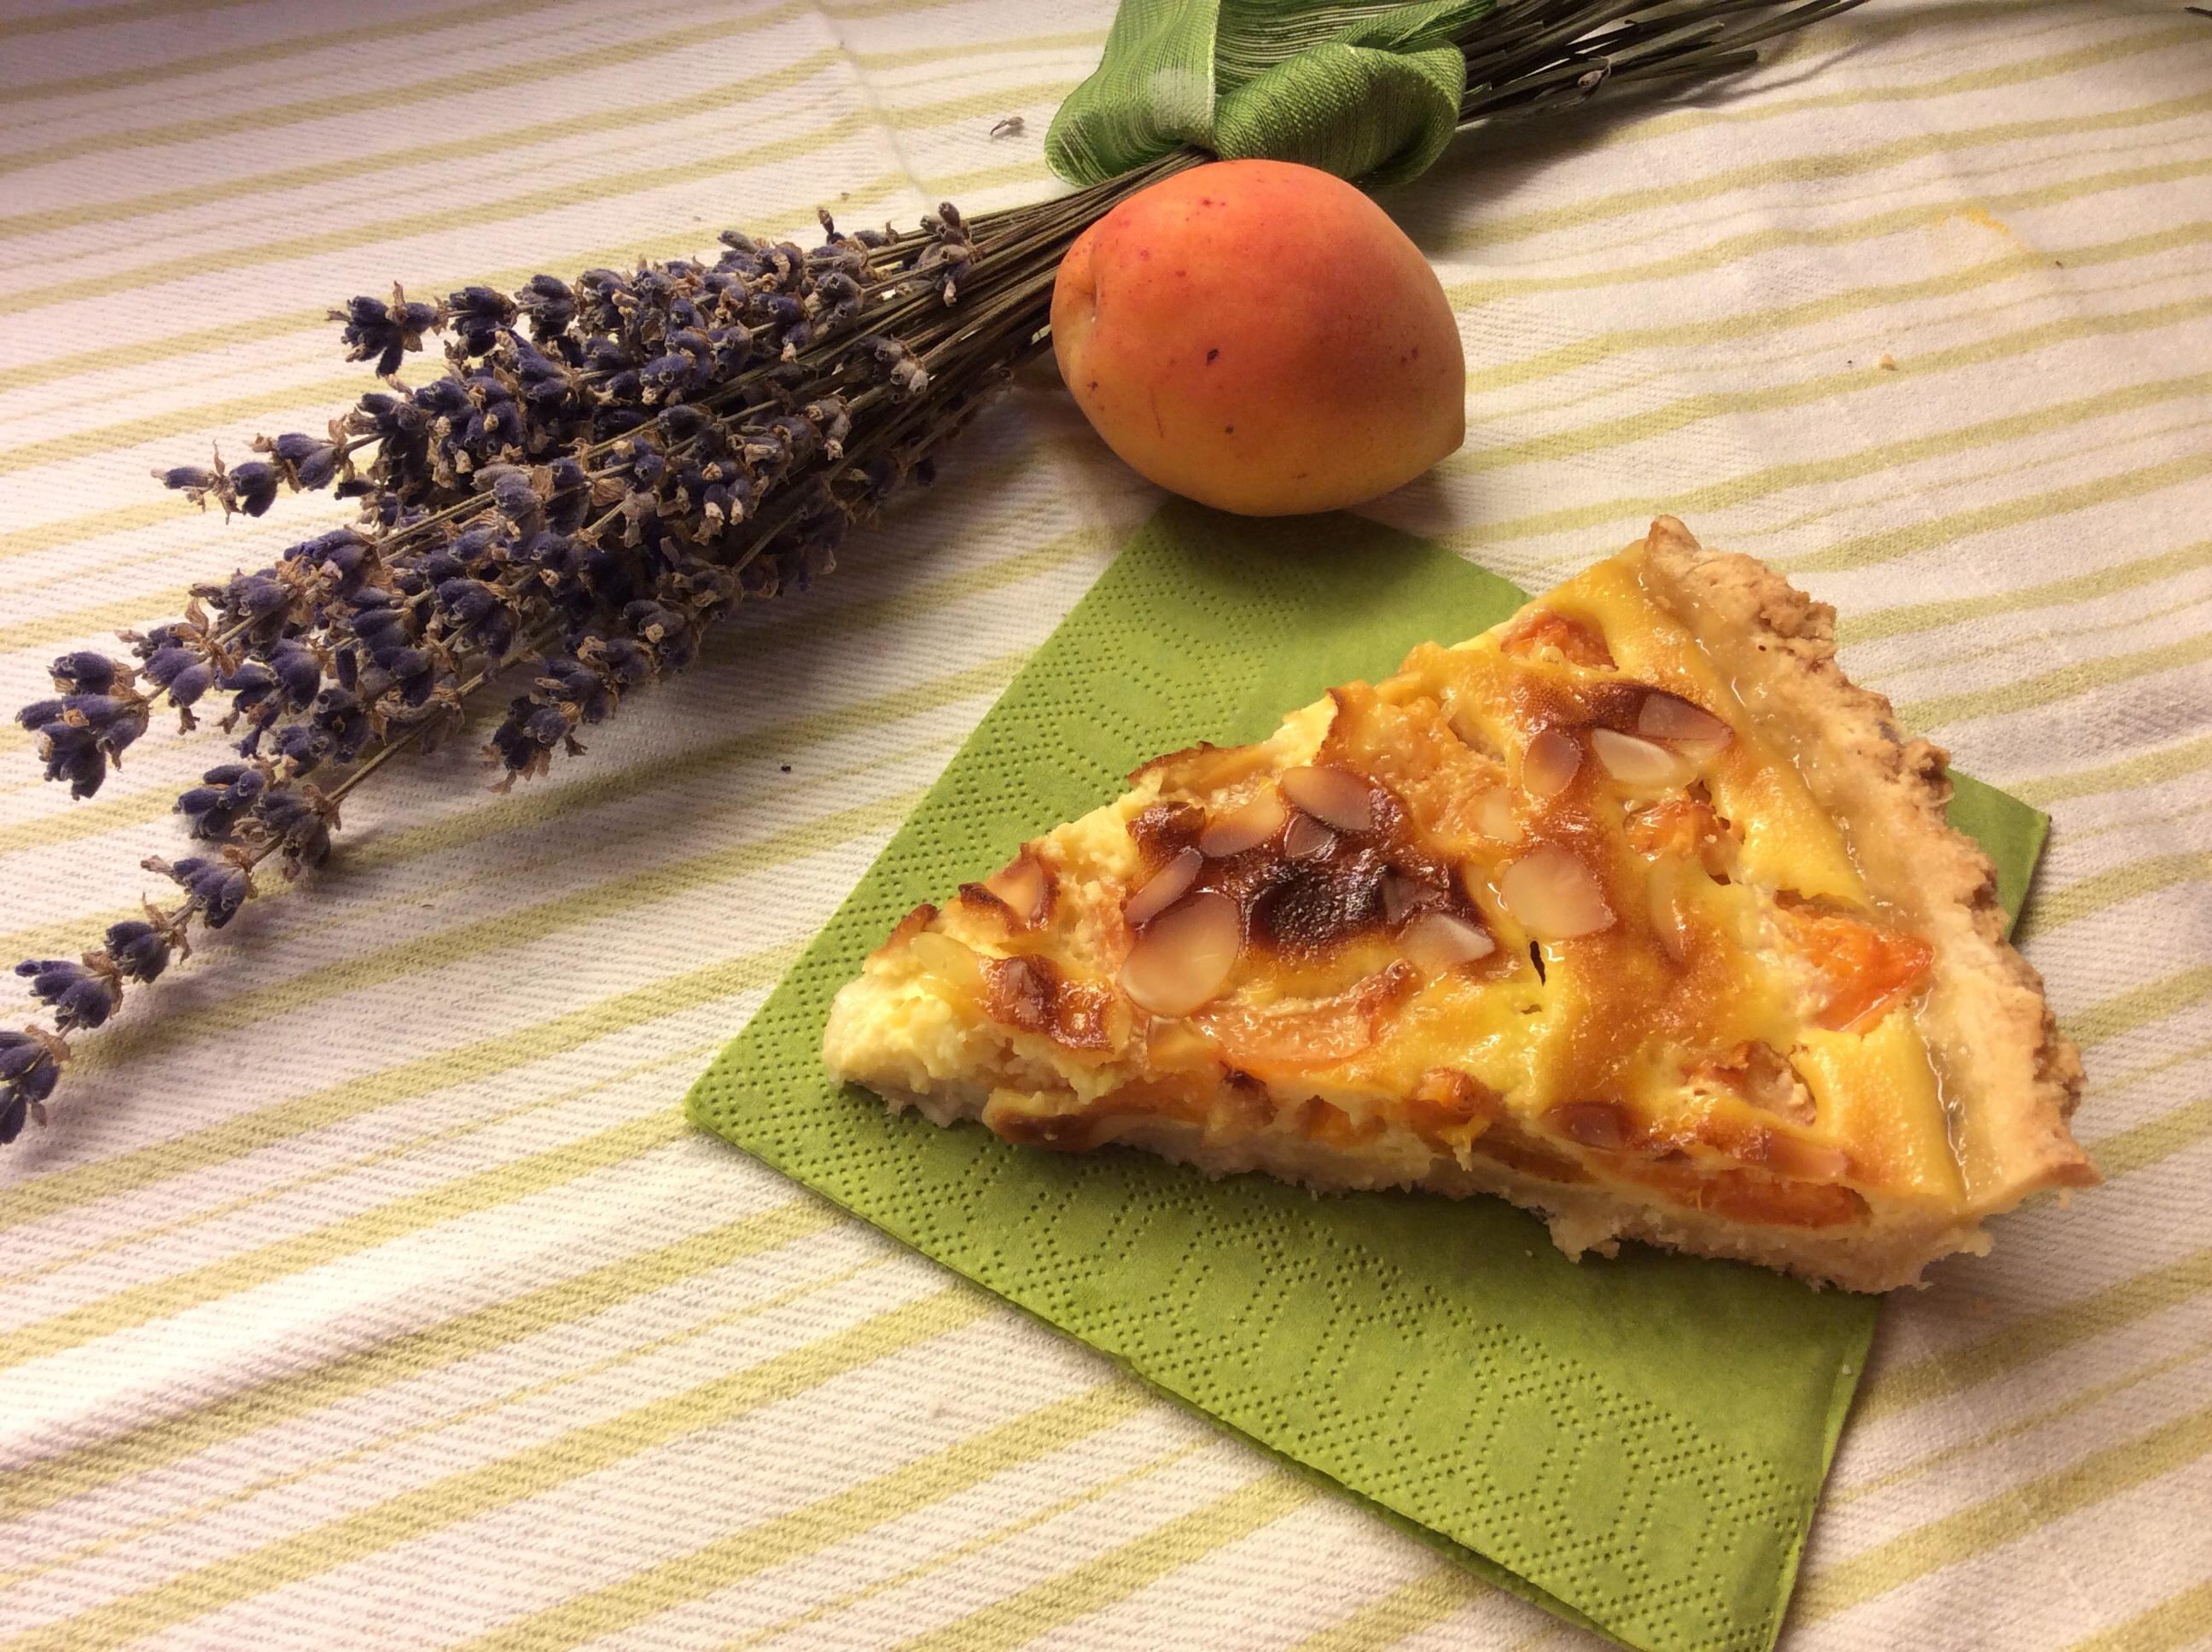 Tour de serpenyő 2014. 14. szakasz -  Tarte à l'abricot sur pâte à l'huile d'olive et lavande